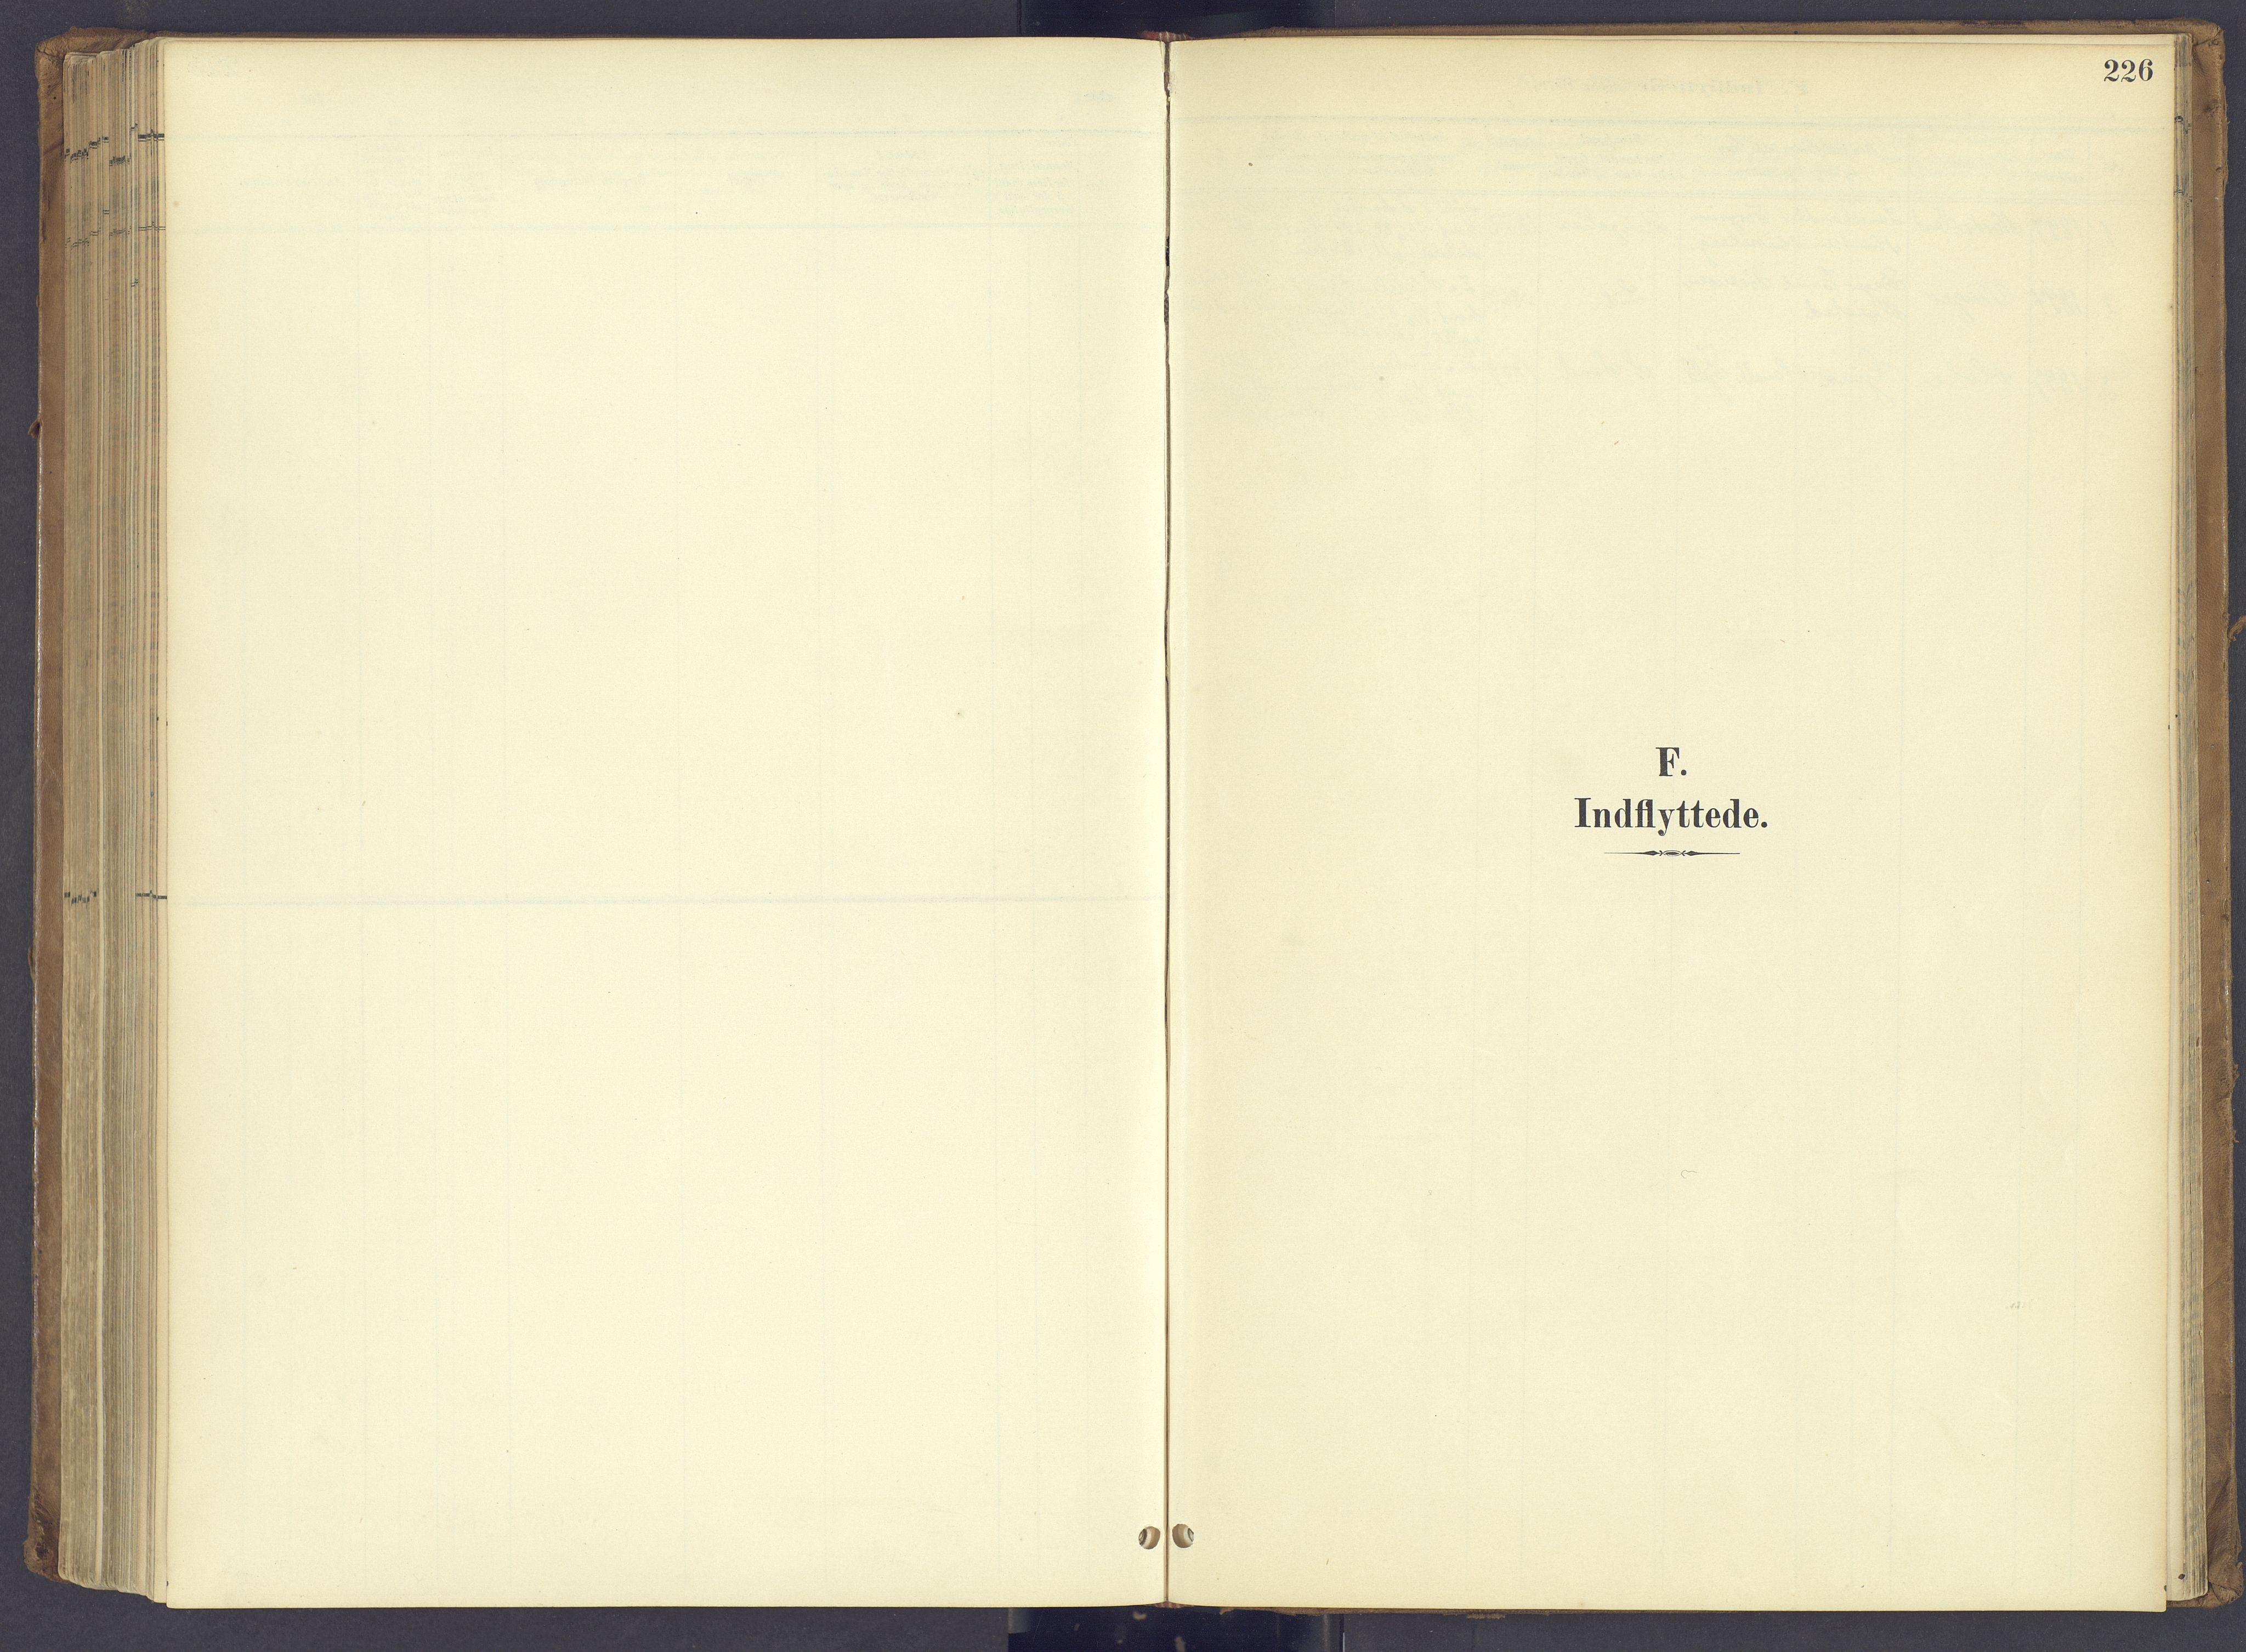 SAH, Søndre Land prestekontor, K/L0006: Parish register (official) no. 6, 1895-1904, p. 226